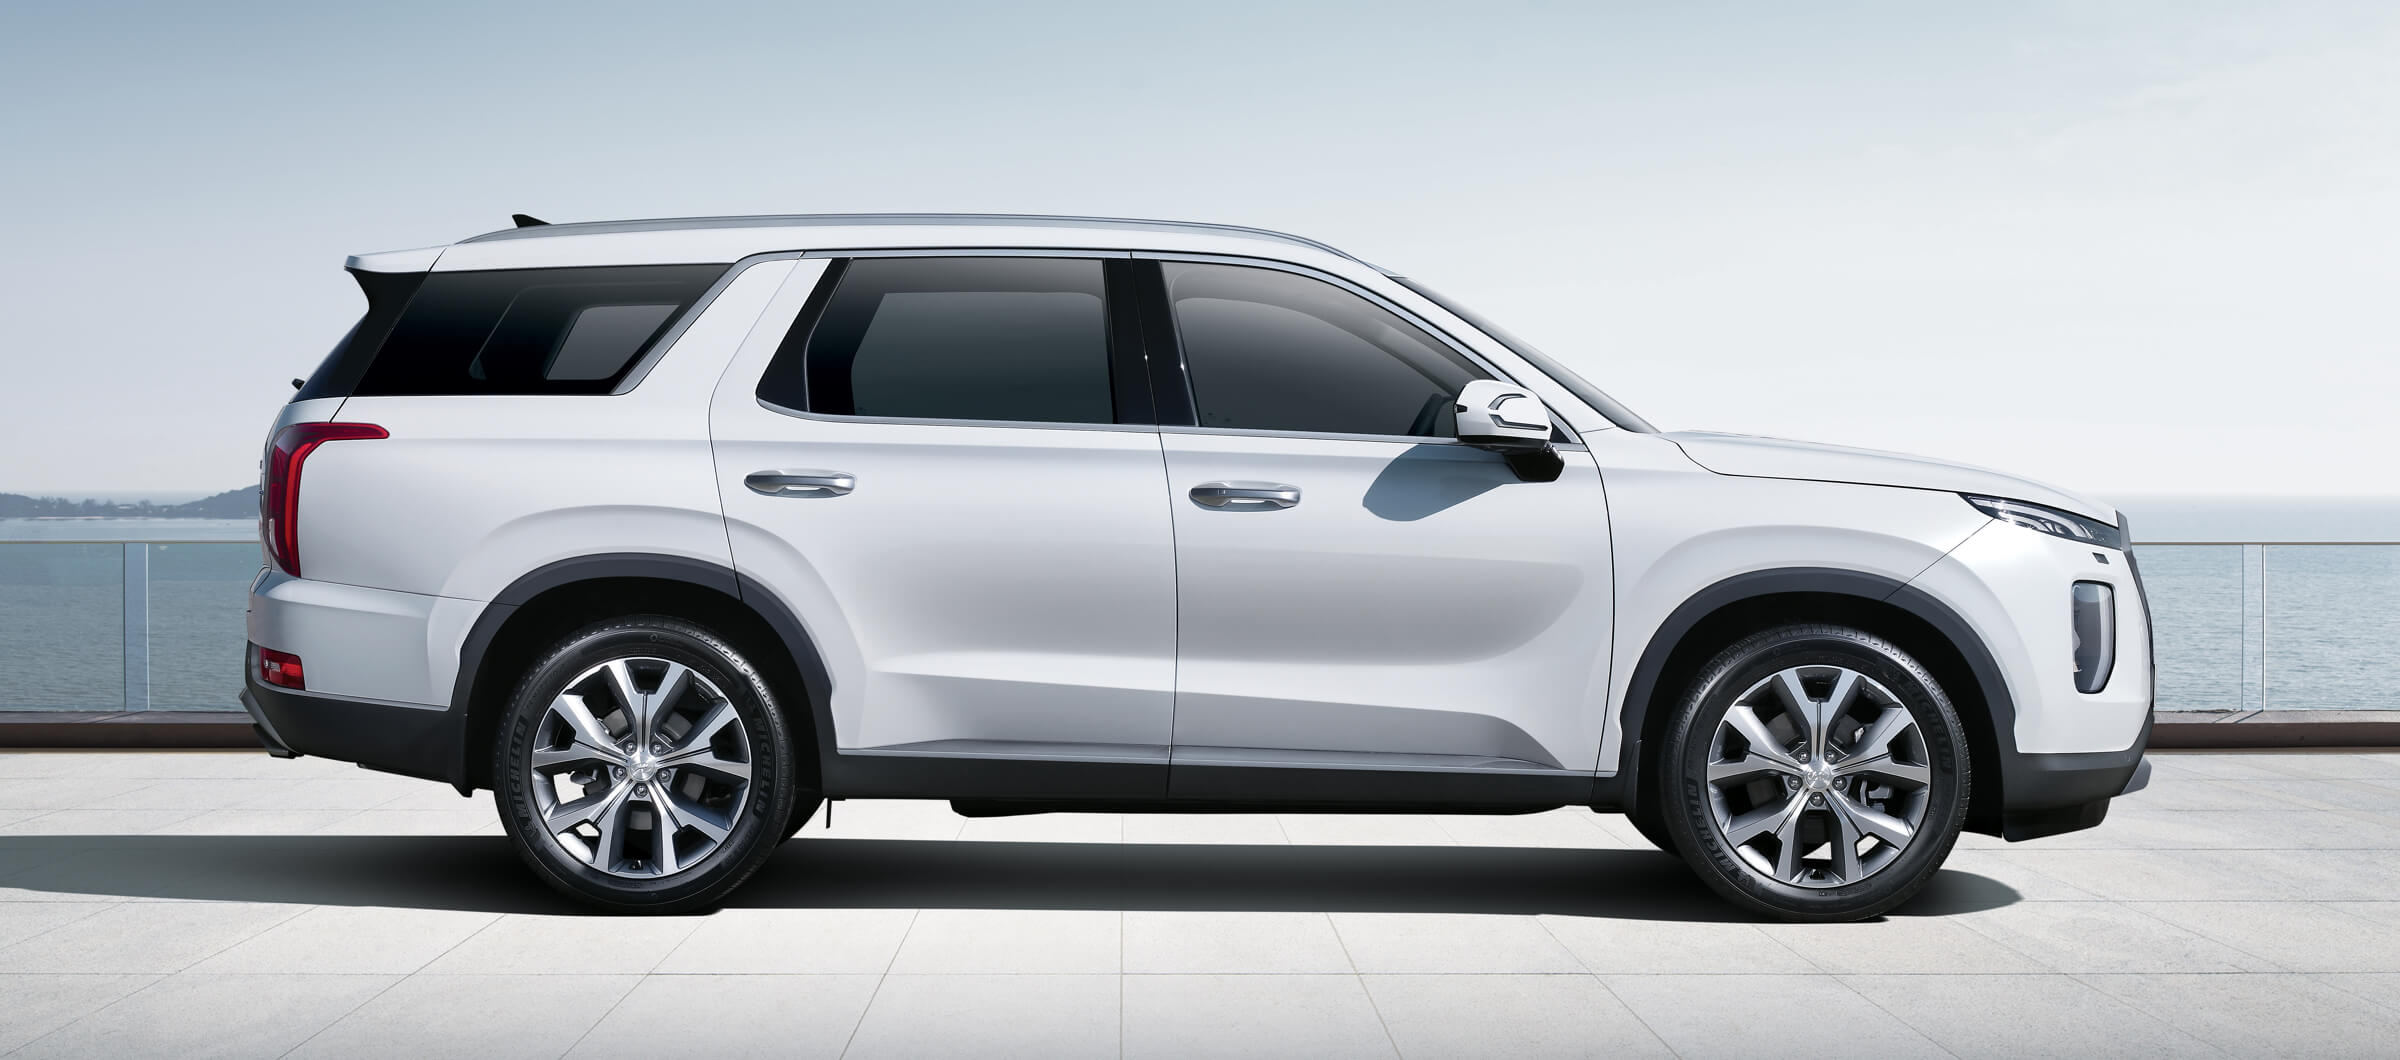 致家人 敬梦想 31万元起售 帕里斯帝(PALISADE)开启大型SUV家庭出行新时代